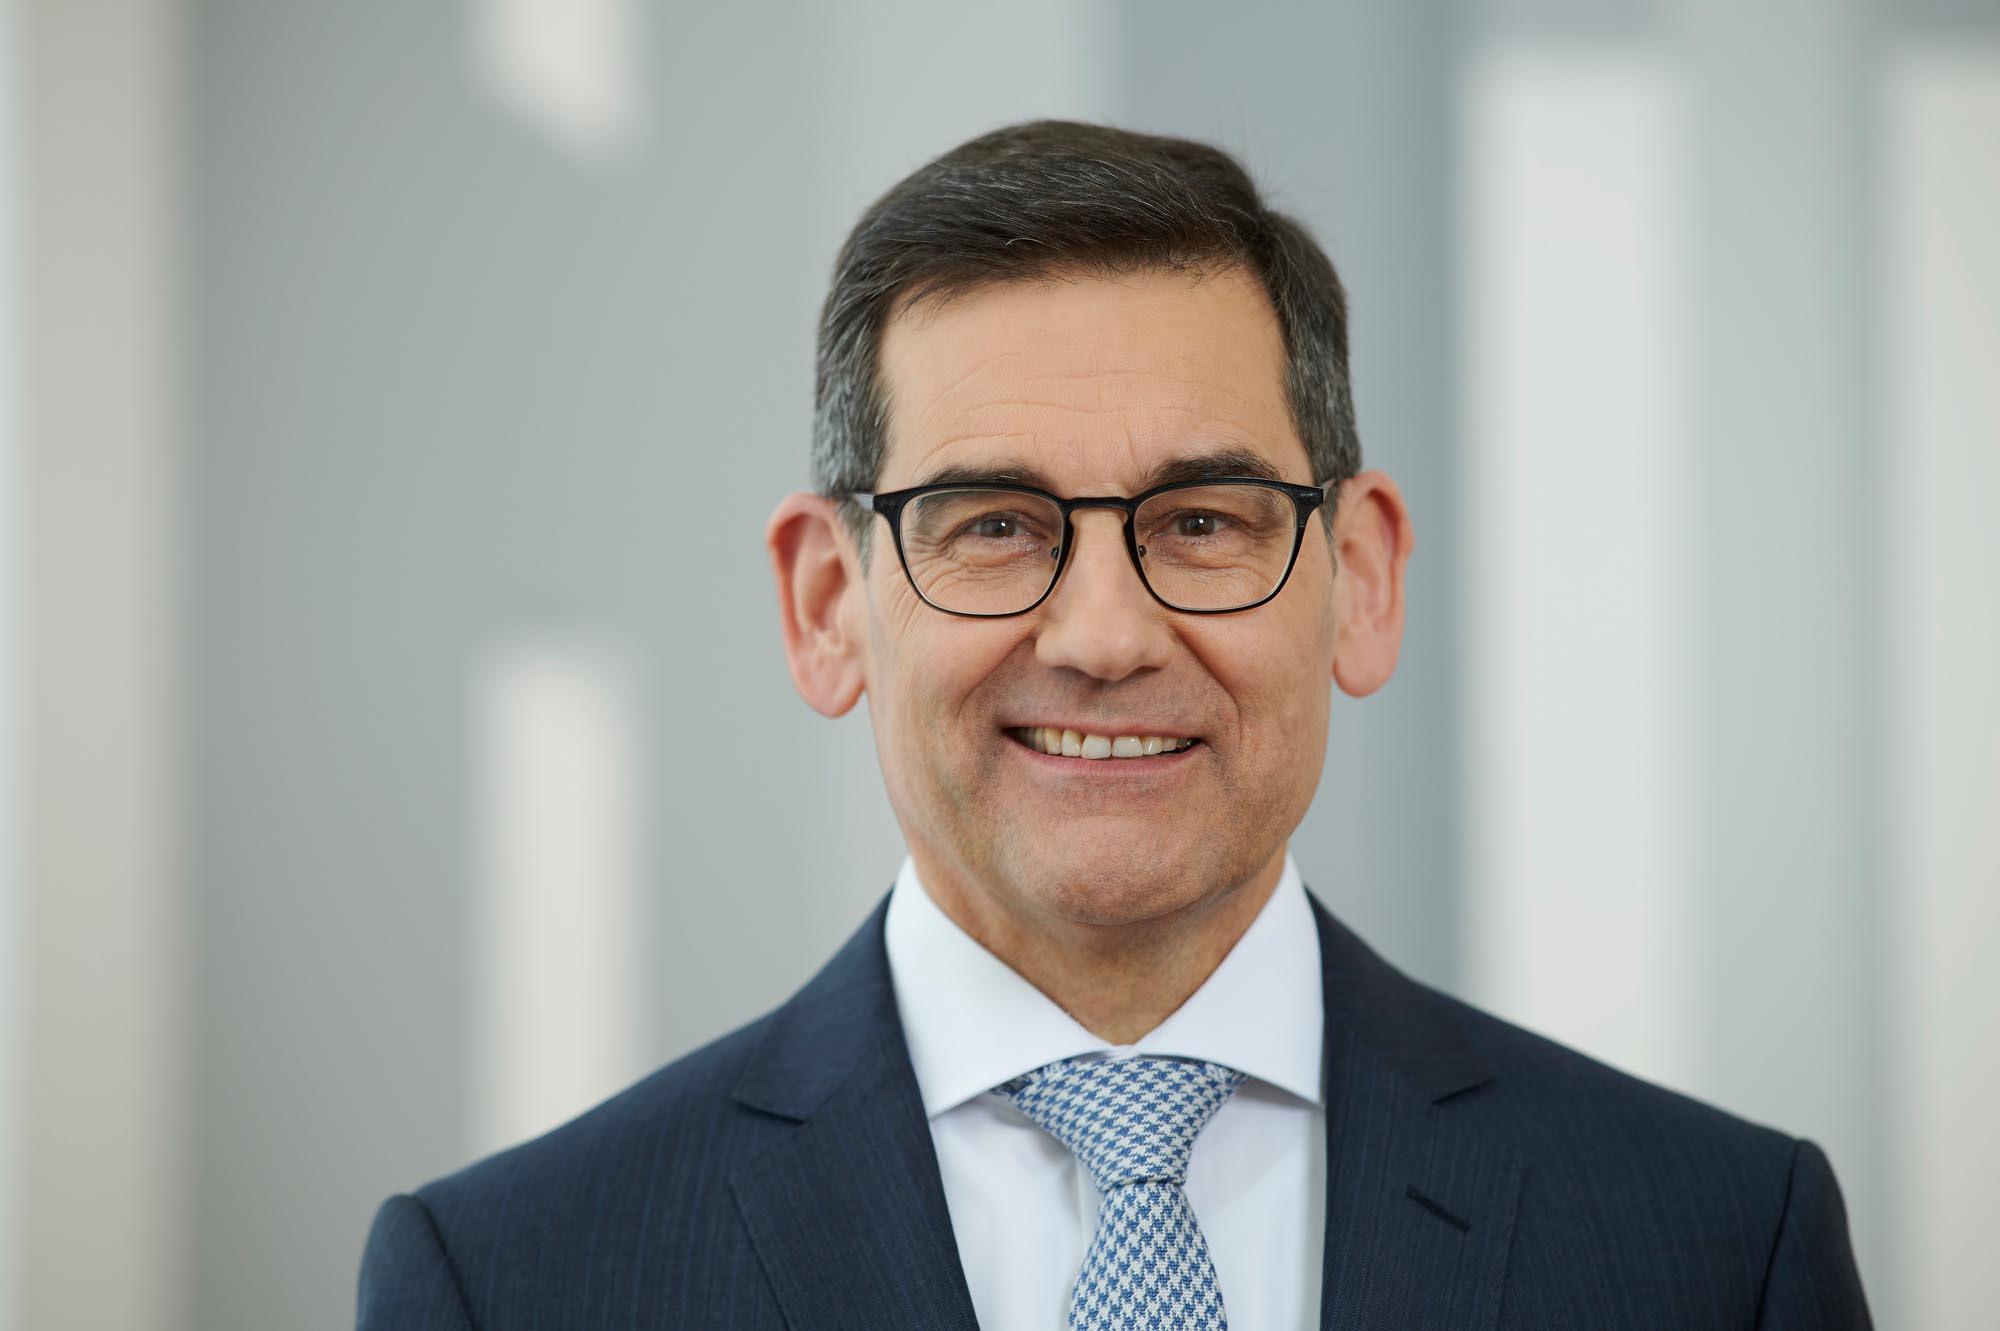 OPP 170207 0311 - Volksbank Stuttgart: Aufsichtsrat und Vorstände